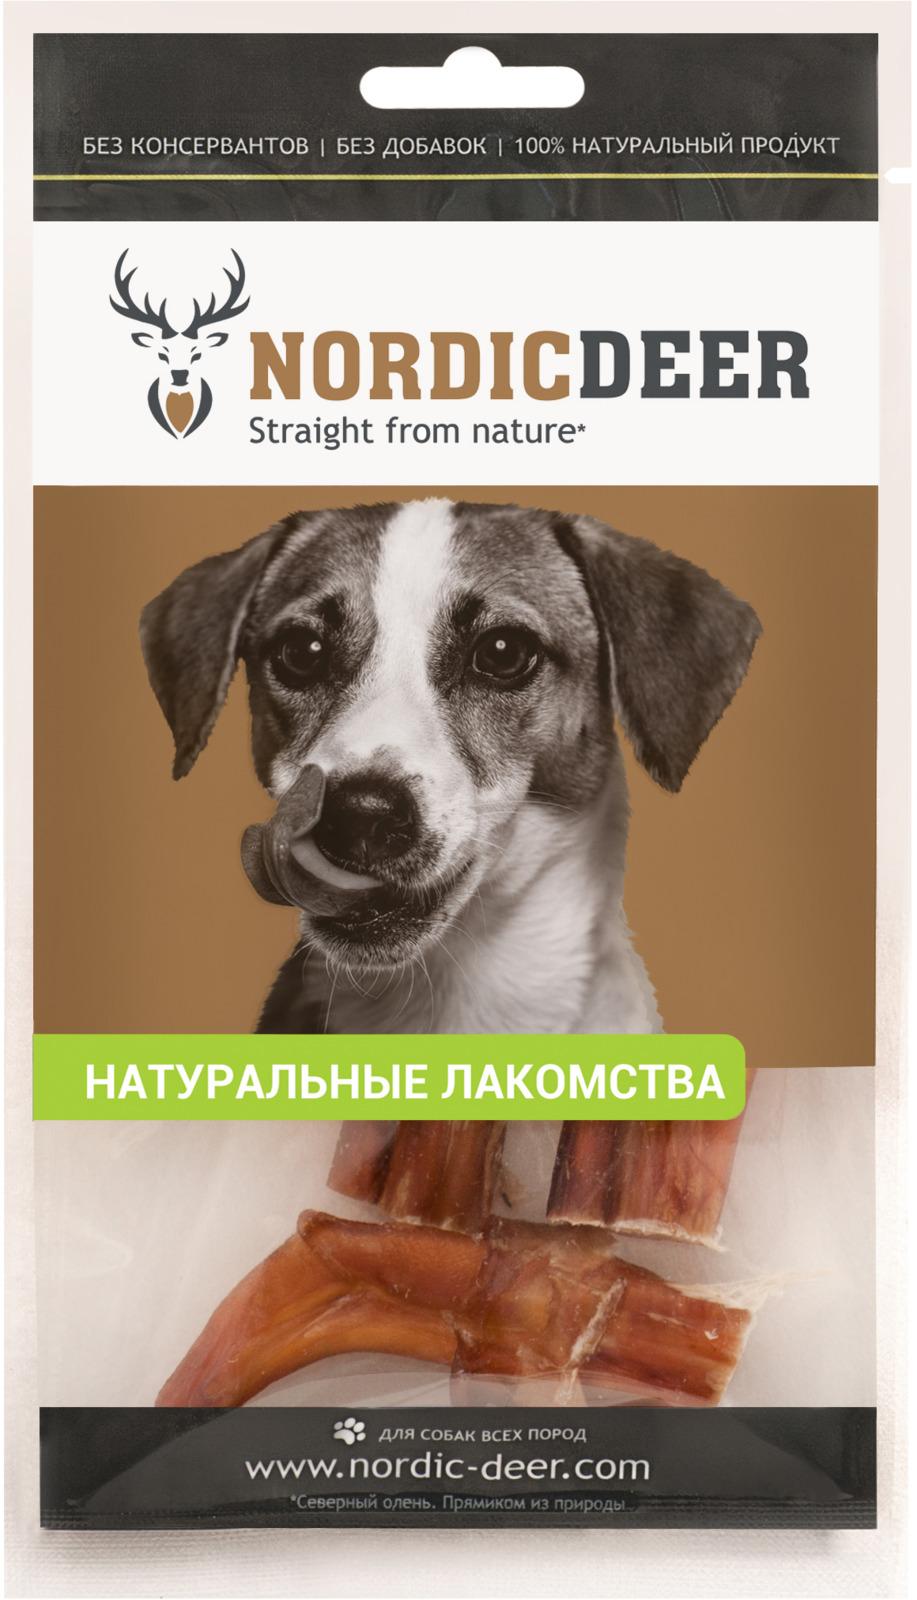 Лакомство для собак Nordic Deer Бычий корень дольки, 40 г лакомство vita pro dentes для собак средних пород 35 г 2 шт